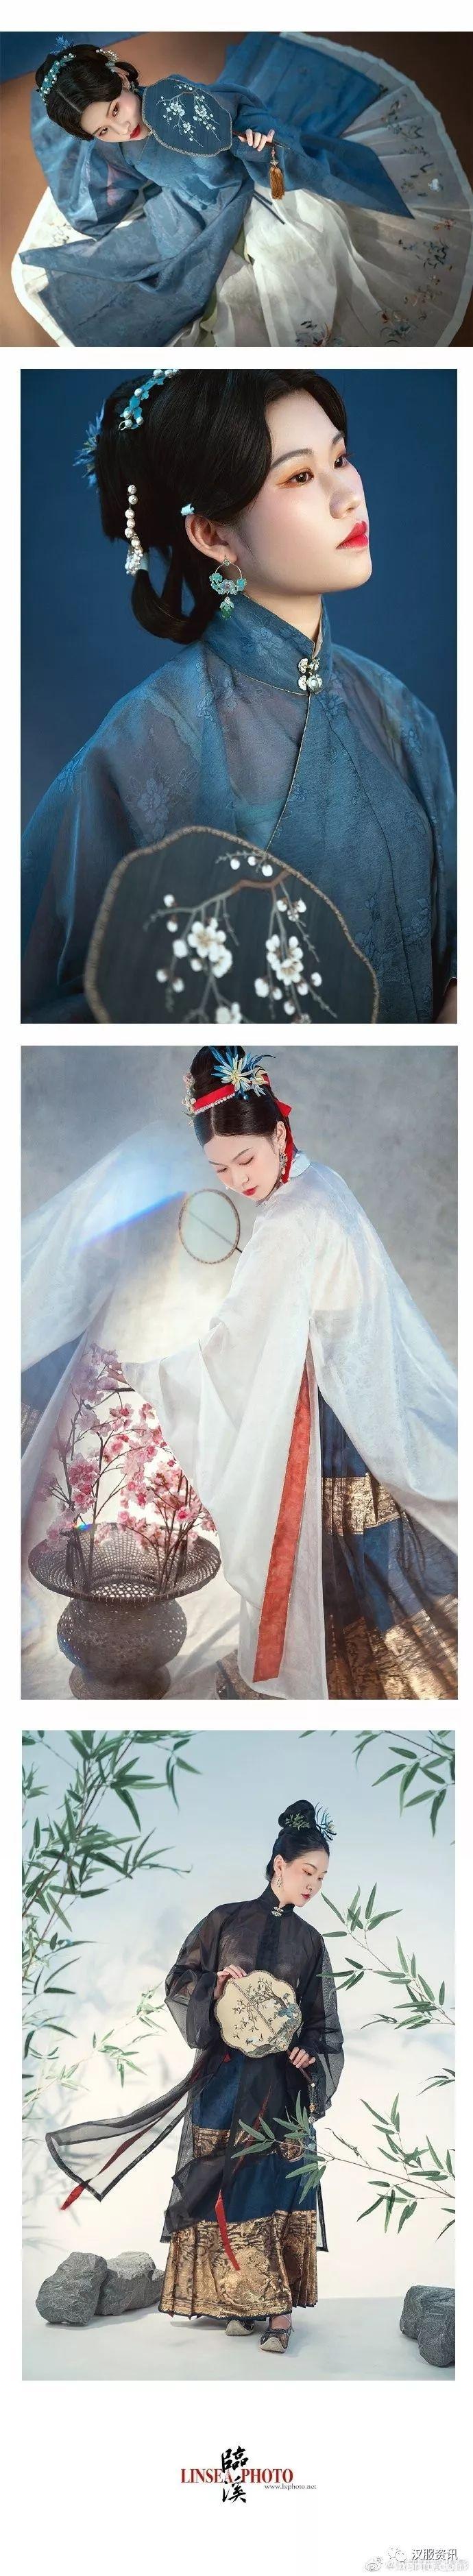 【漢服私影】出浴太真冰作影   漢服網